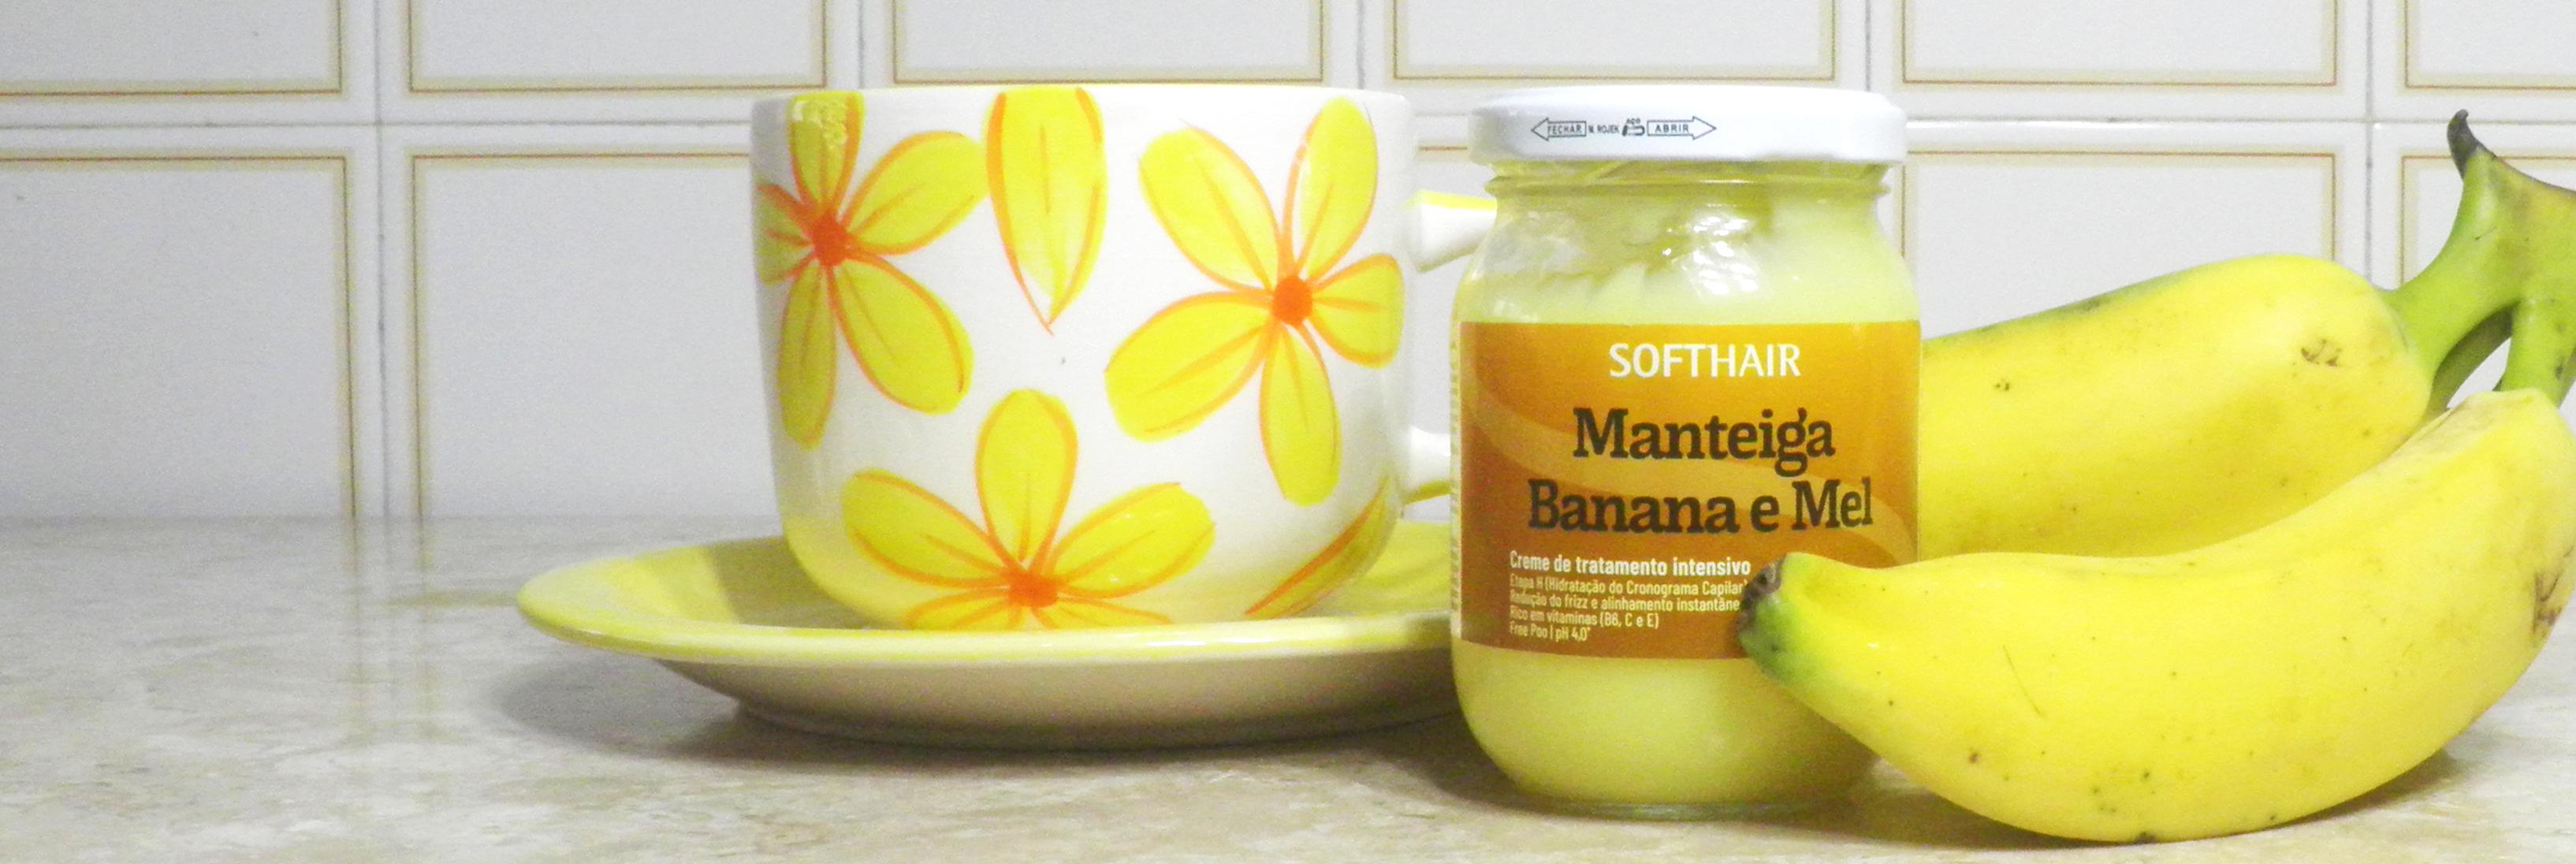 Manteiga Soft Hair Banana e Mel - para etapa de Hidratção do Cronograma Capilar